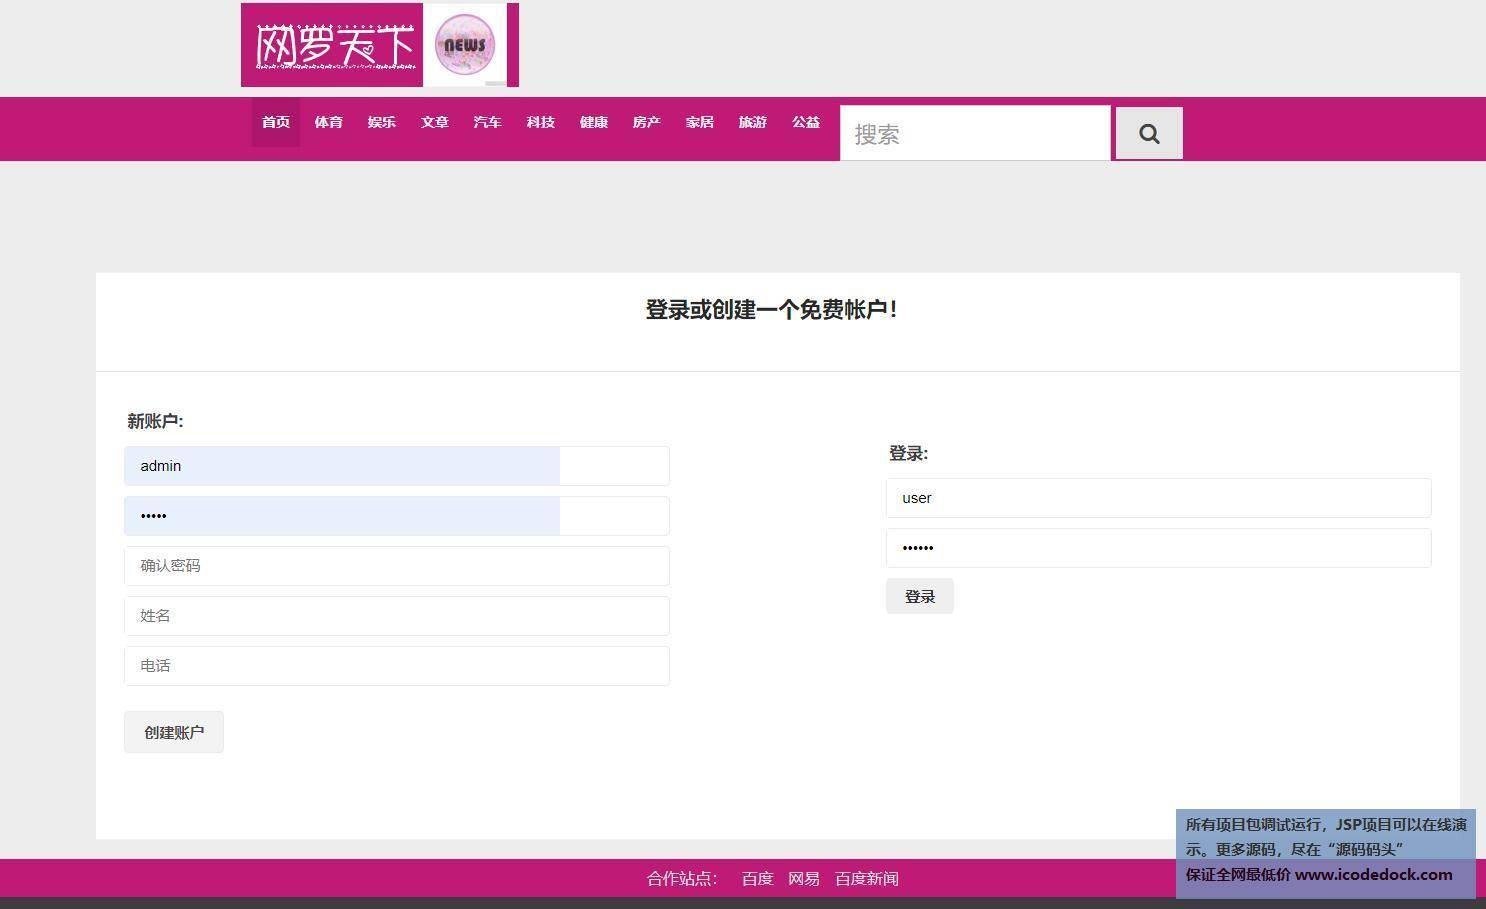 源码码头-SSH新闻资讯网站管理系统-用户角色-用户登录注册